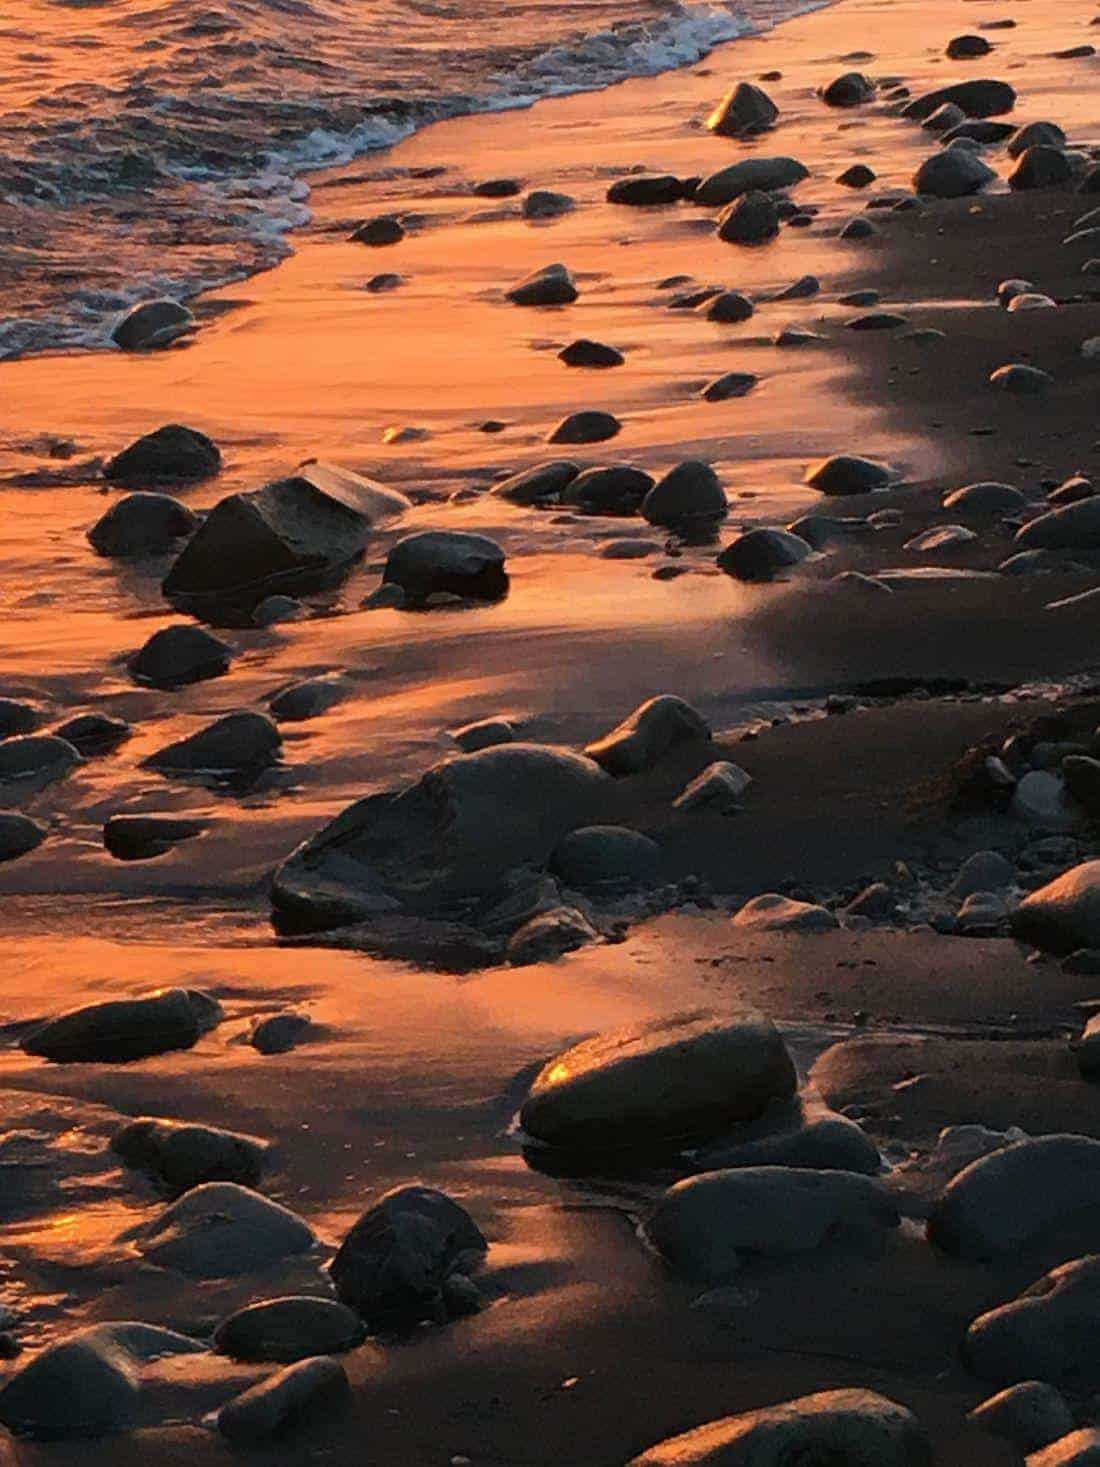 Iceland seashore hiking at sunset